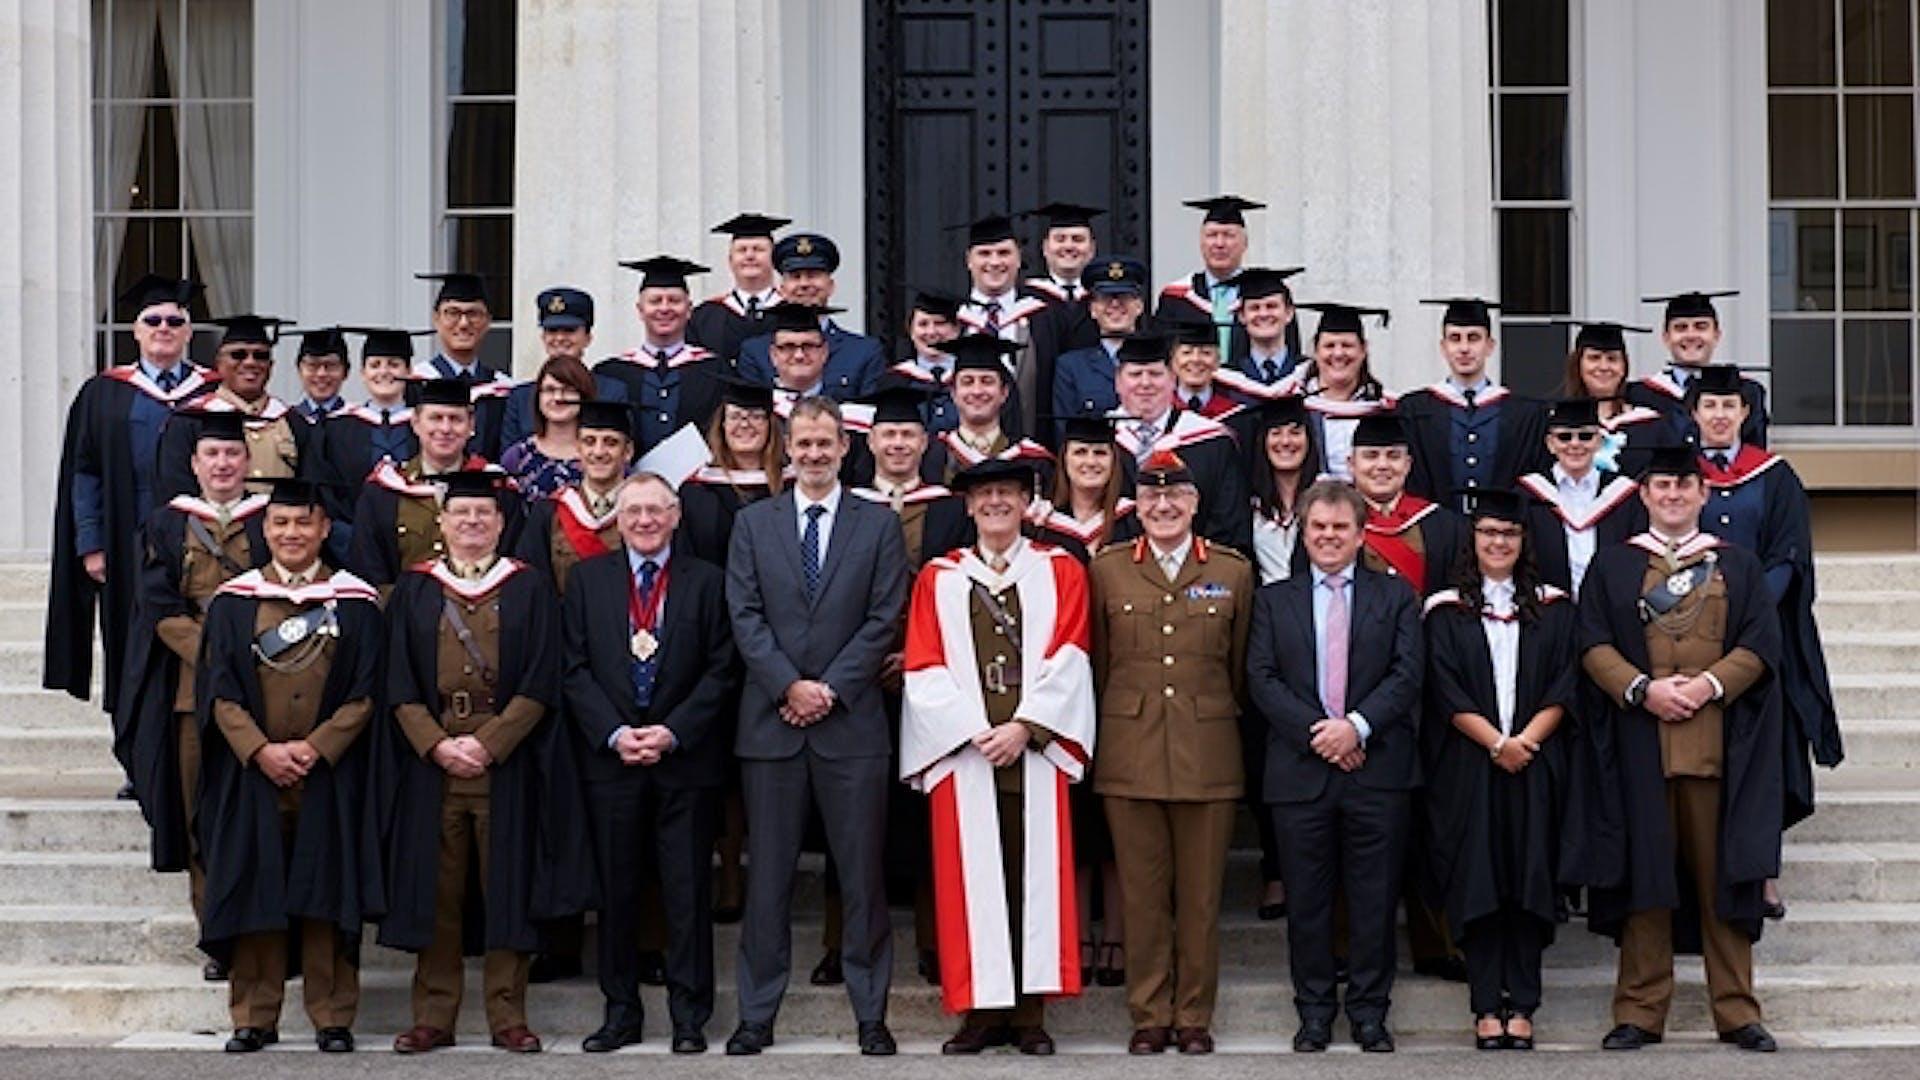 161014 CVQO Graduation 0725 1 web 1